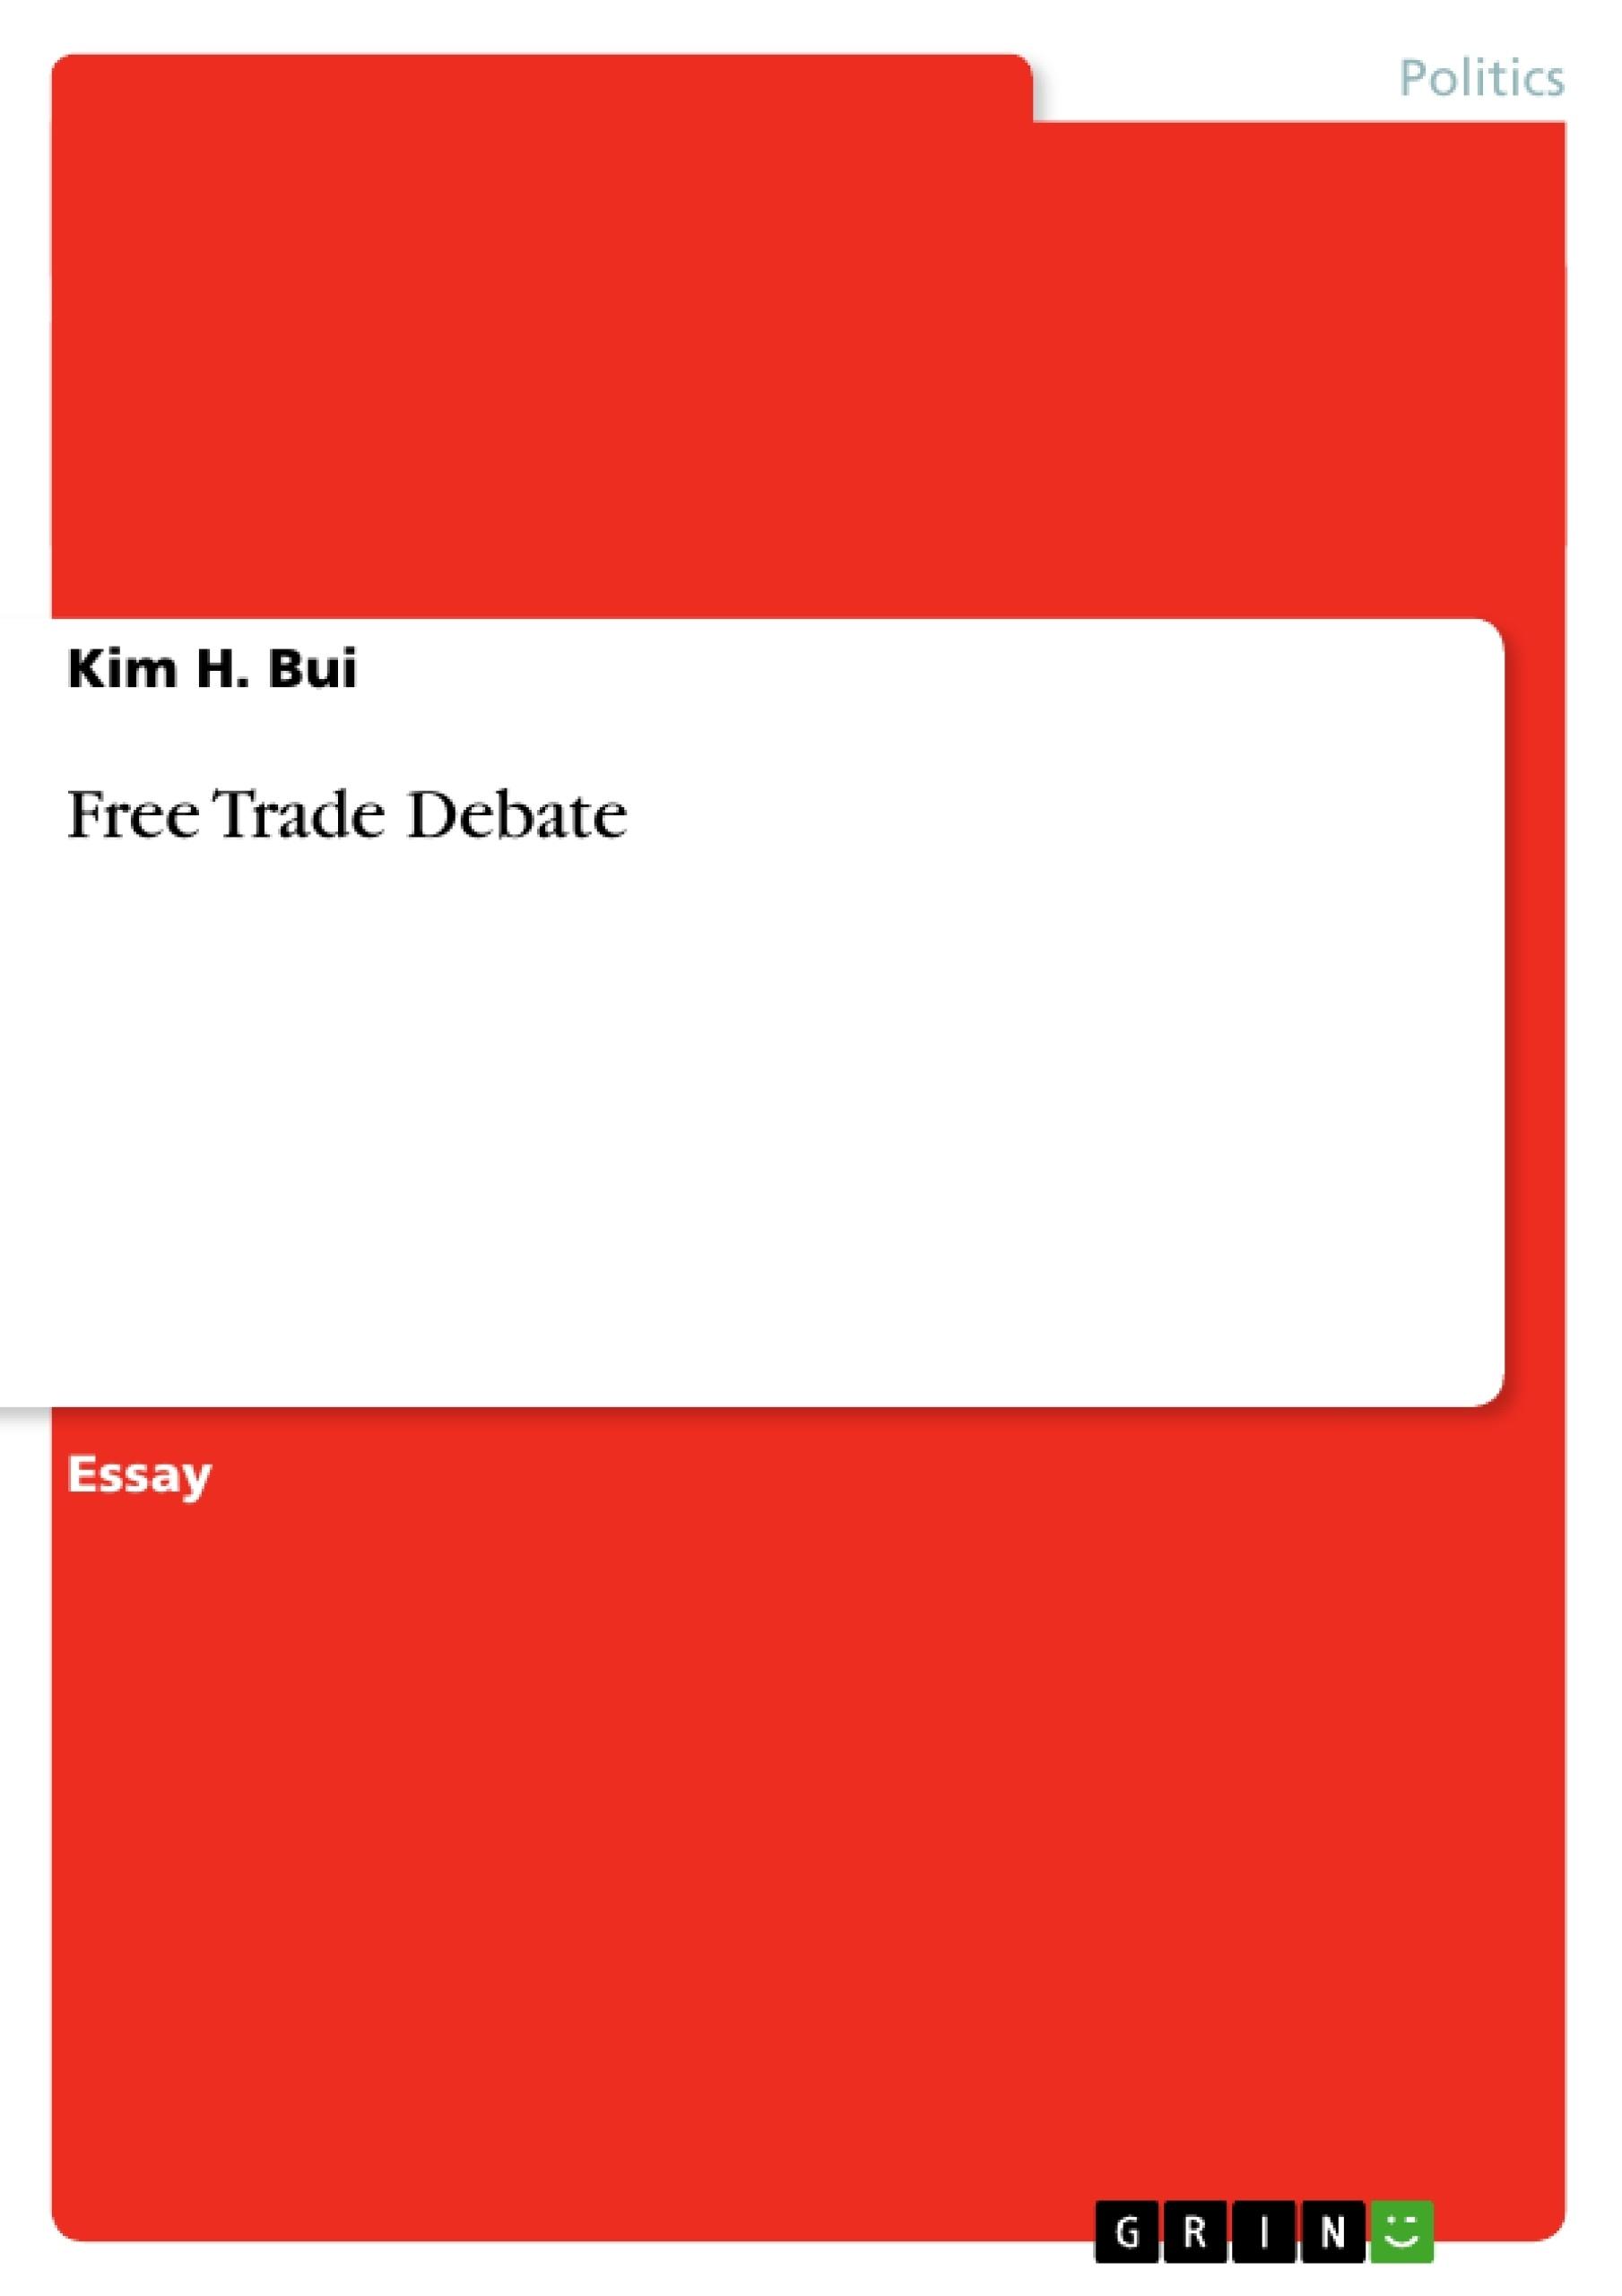 Title: Free Trade Debate